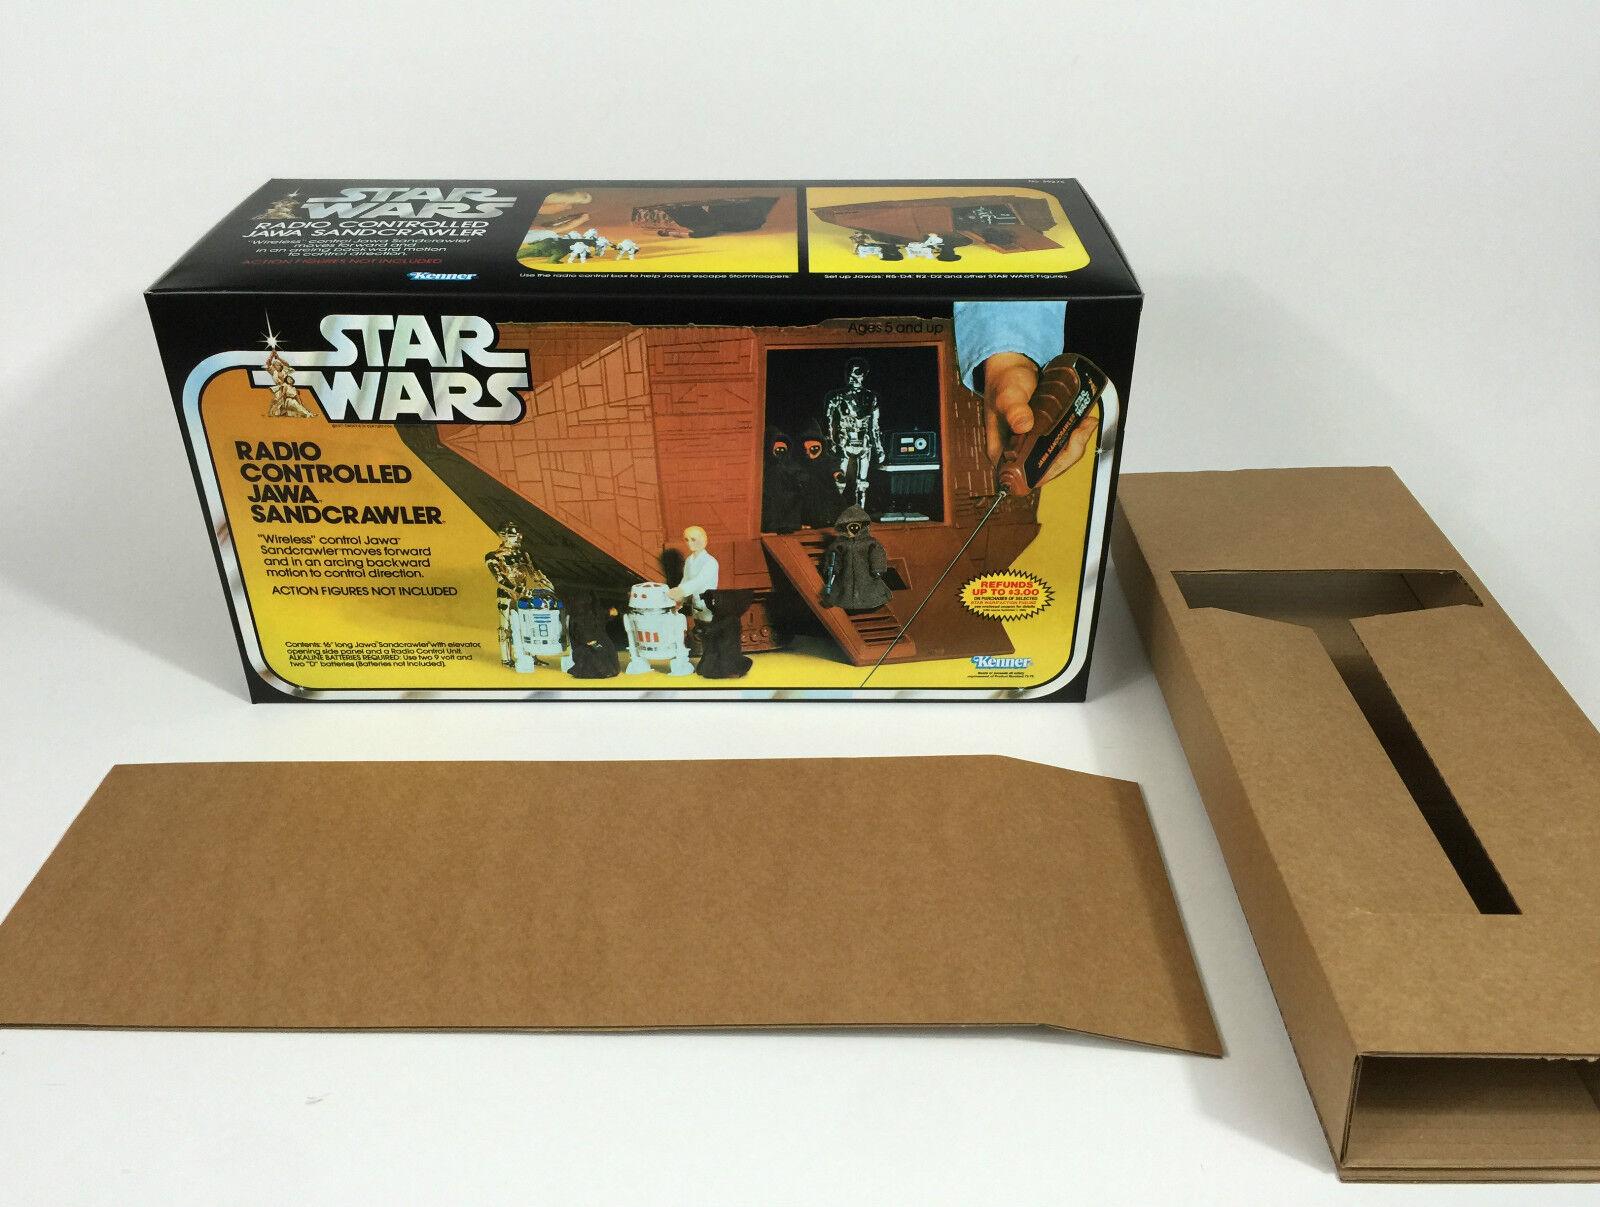 Ersatz - vintage - star - wars - jawa sandcrawler box und fügt sand setzen